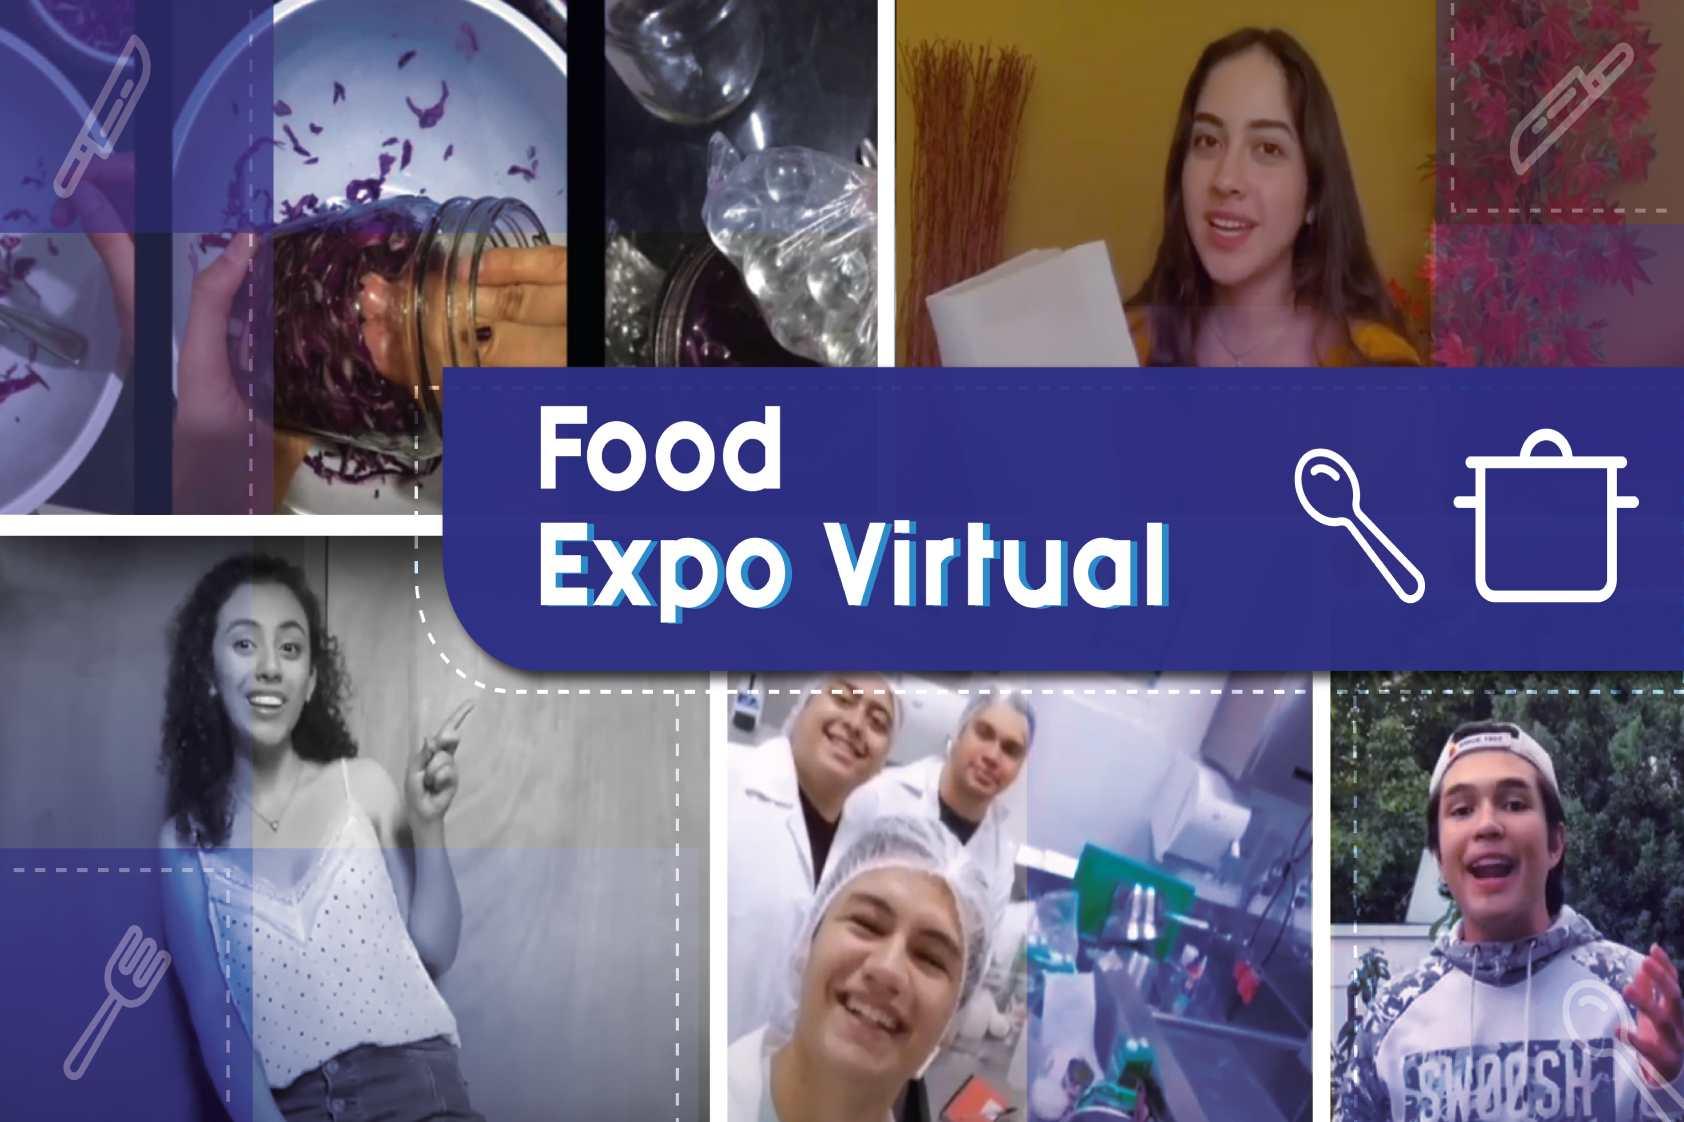 ¡La Food Expo 2020 se destacó por su innovación!